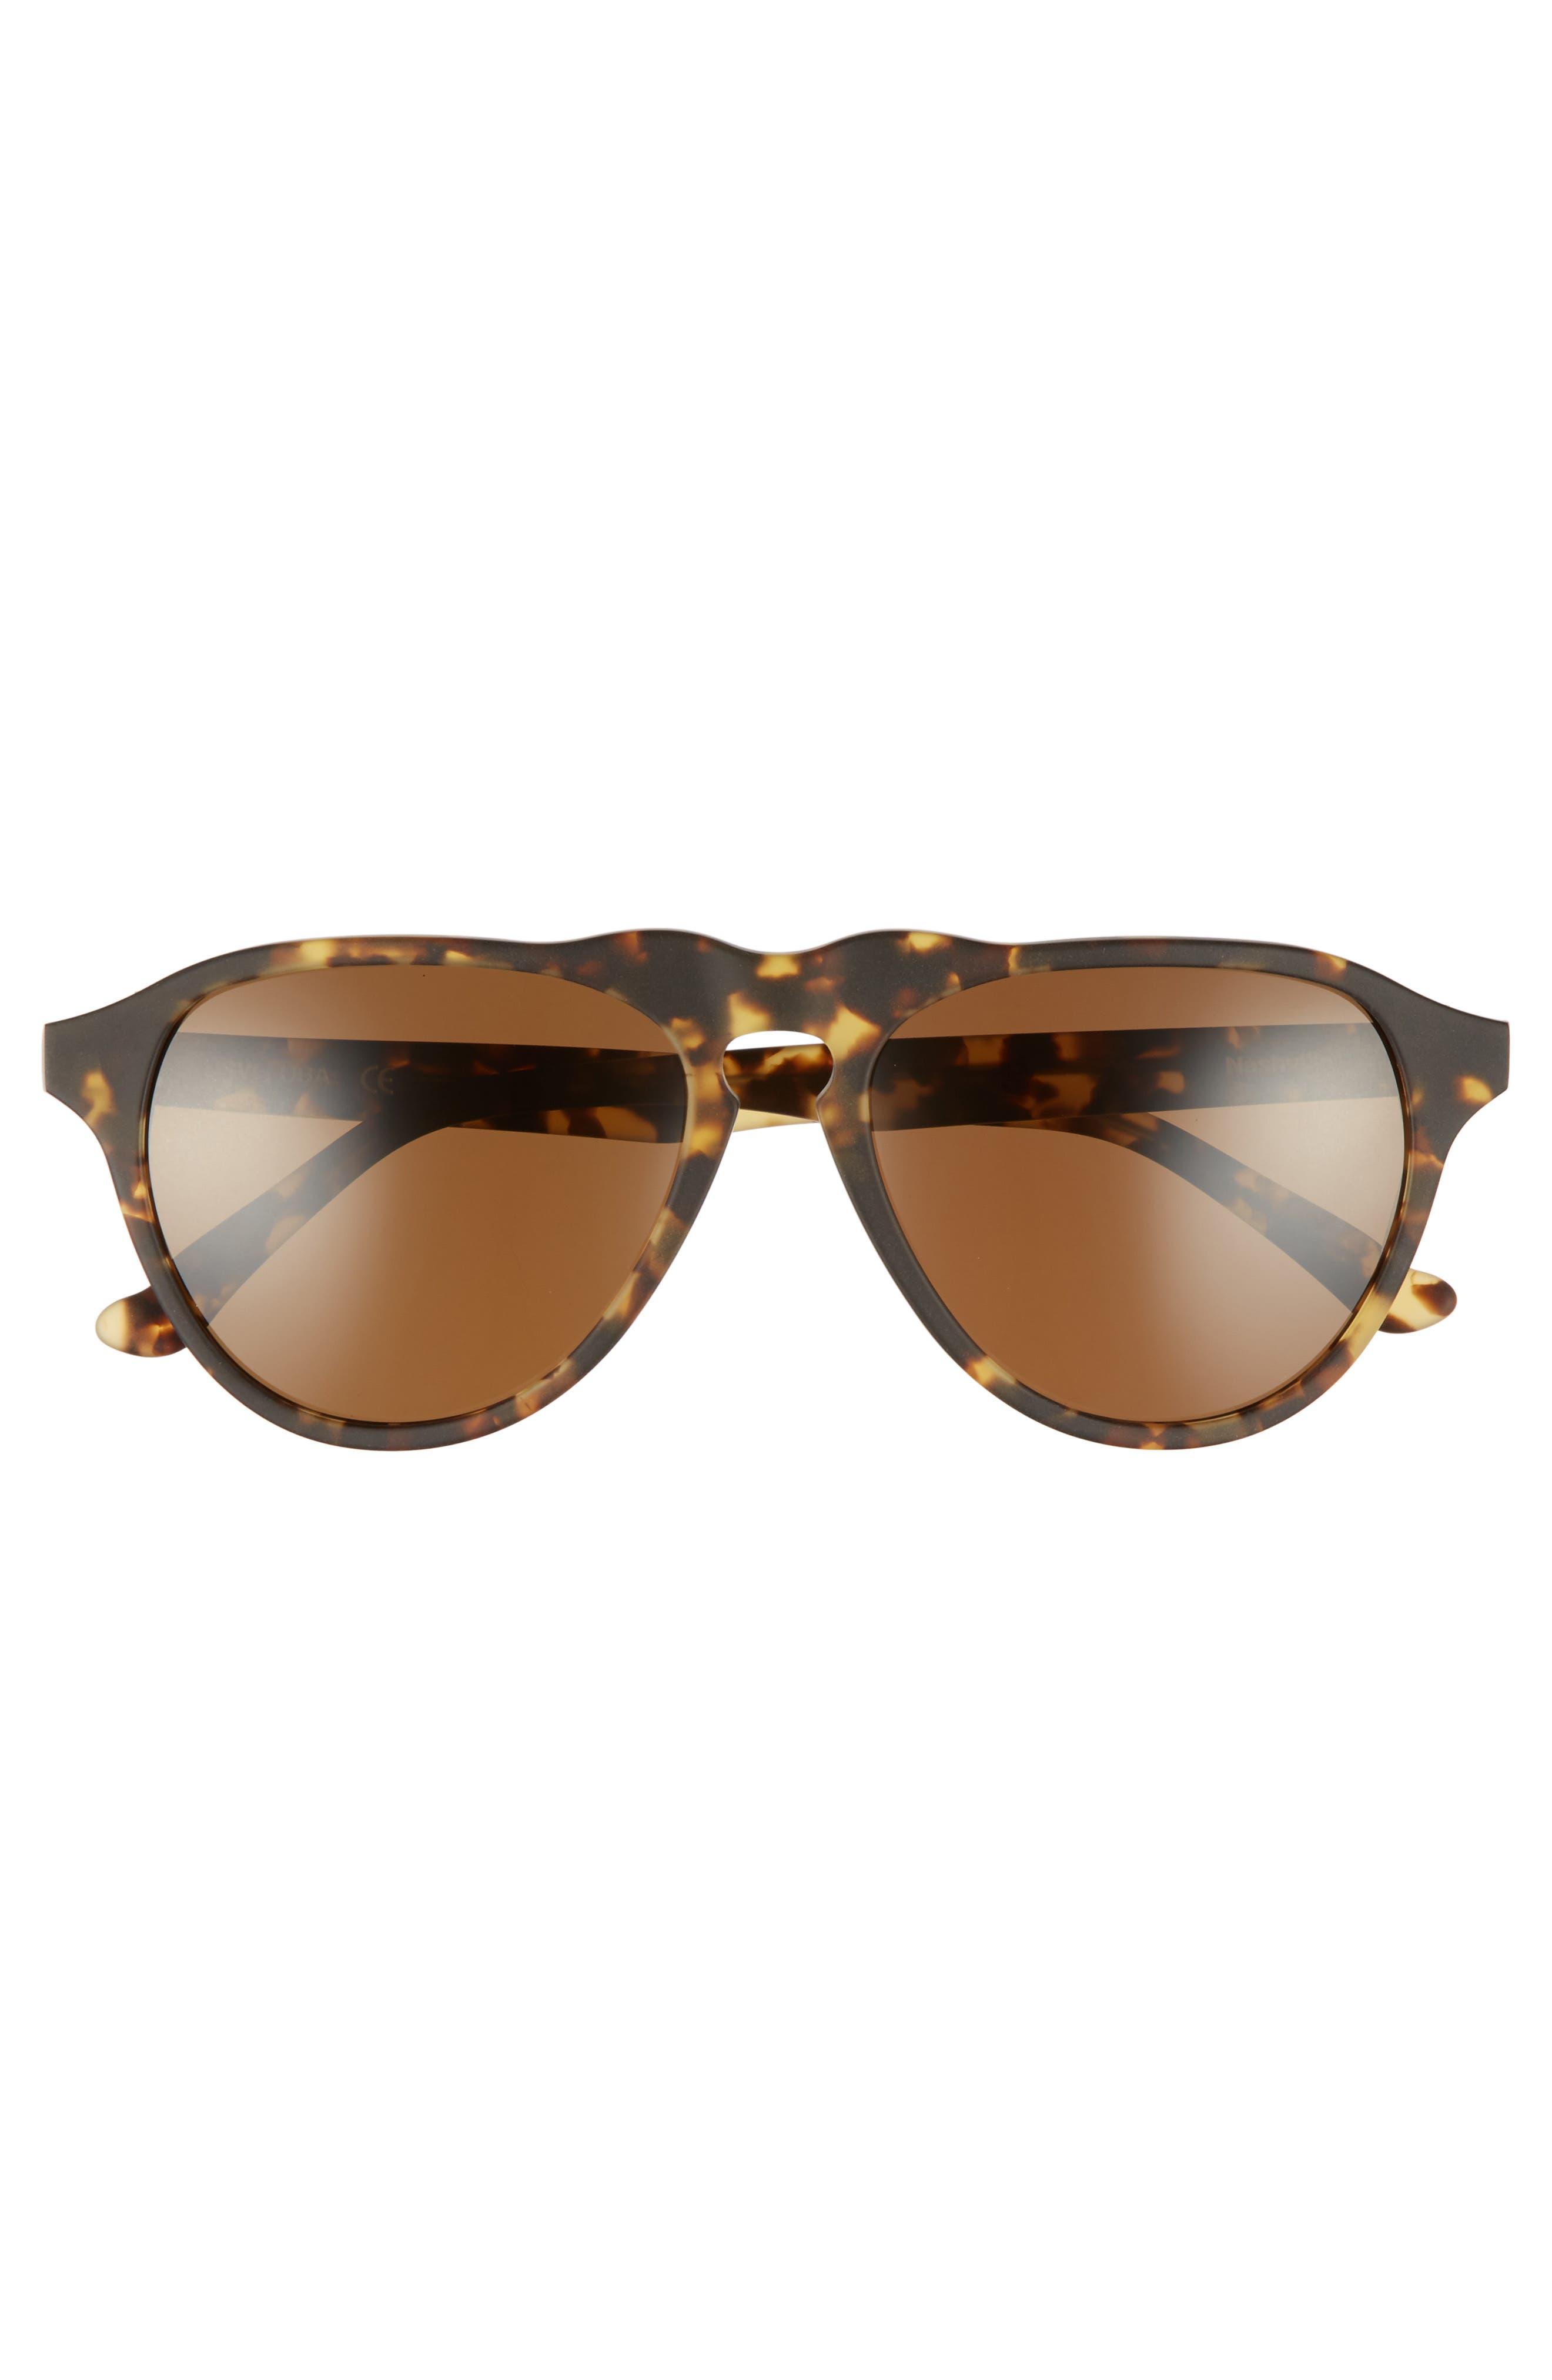 Nashville 54mm Polarized Aviator Sunglasses,                             Alternate thumbnail 3, color,                             BENGAL